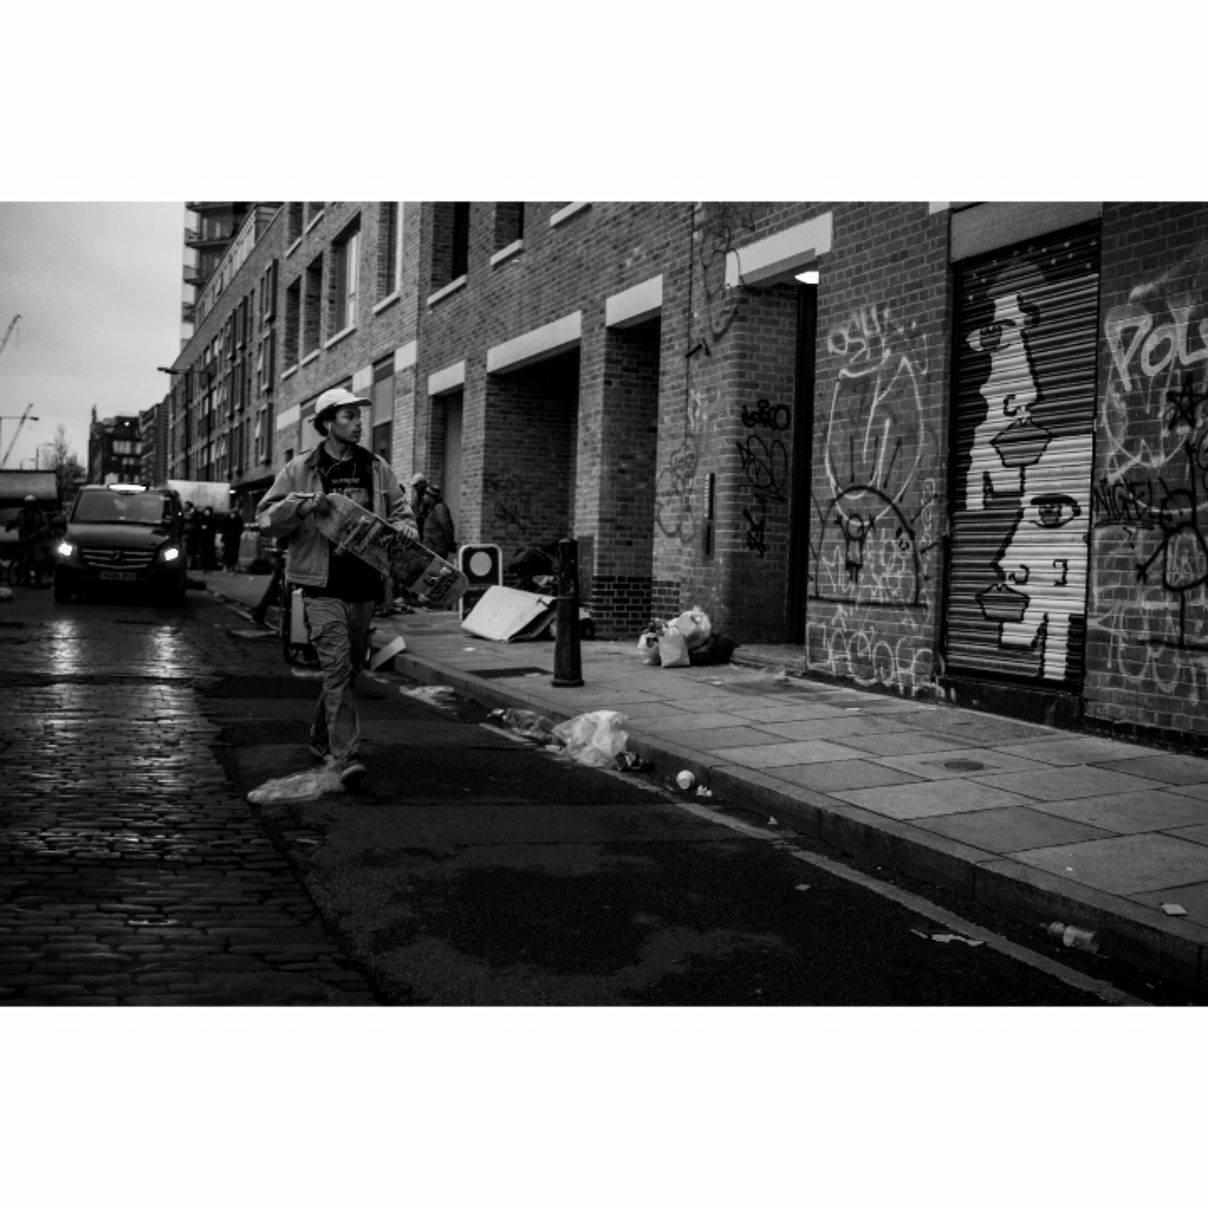 Skater, London - February 5th 2017